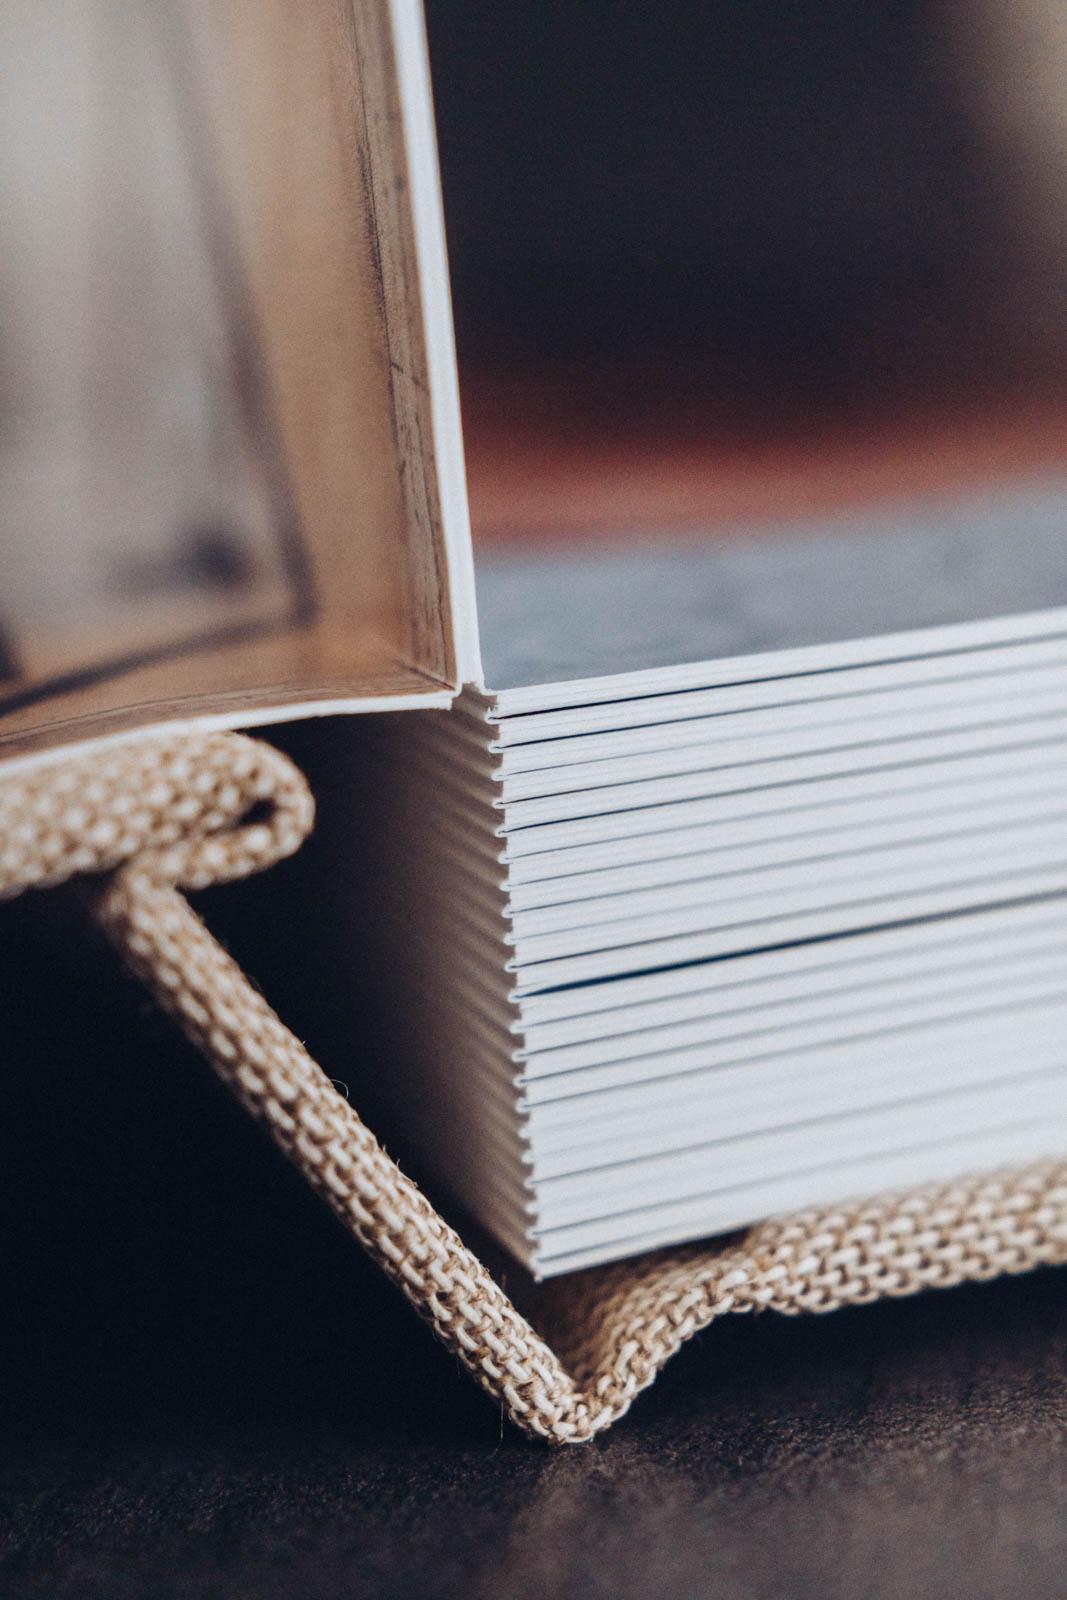 Hochzeits Fotobuch gestalten lassen - MOKATI Fotos und Film hilft bei Deinem Hochzeitsfotobuch